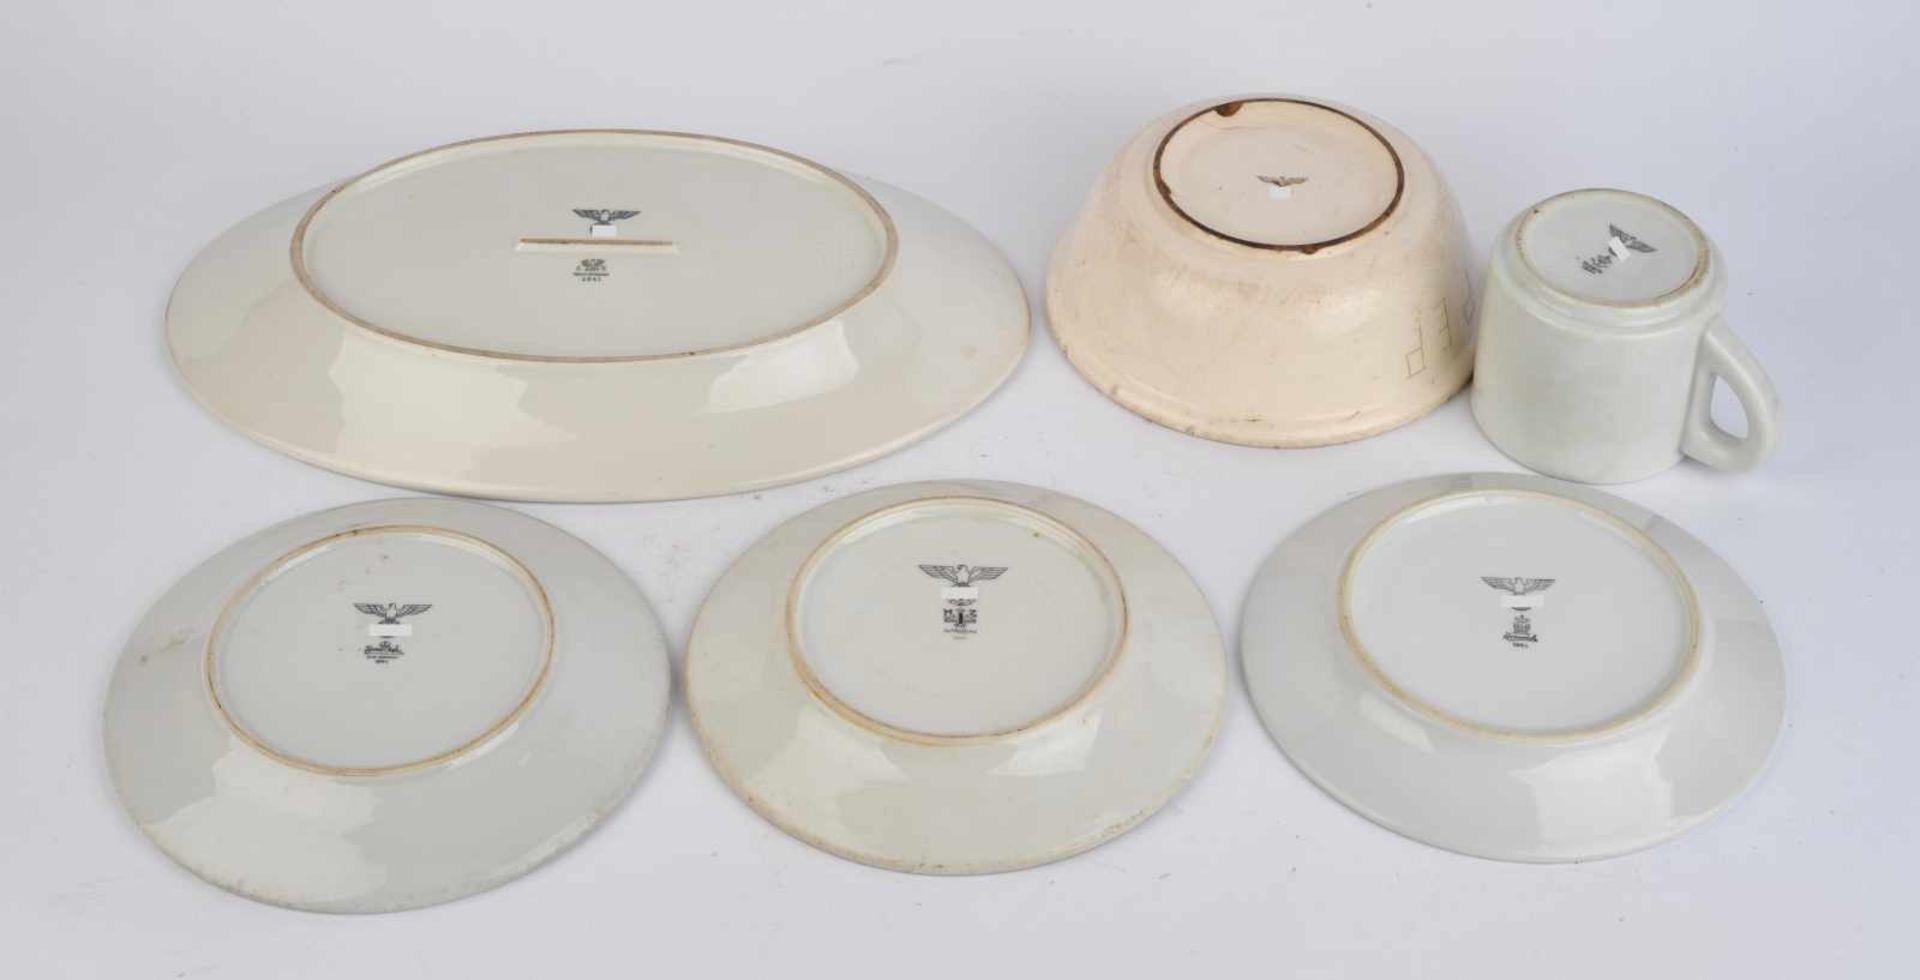 Ensemble de vaisselle de la Heer comprenant un plat oval de fabrication Tielsch Altwasser 1941, - Bild 2 aus 4